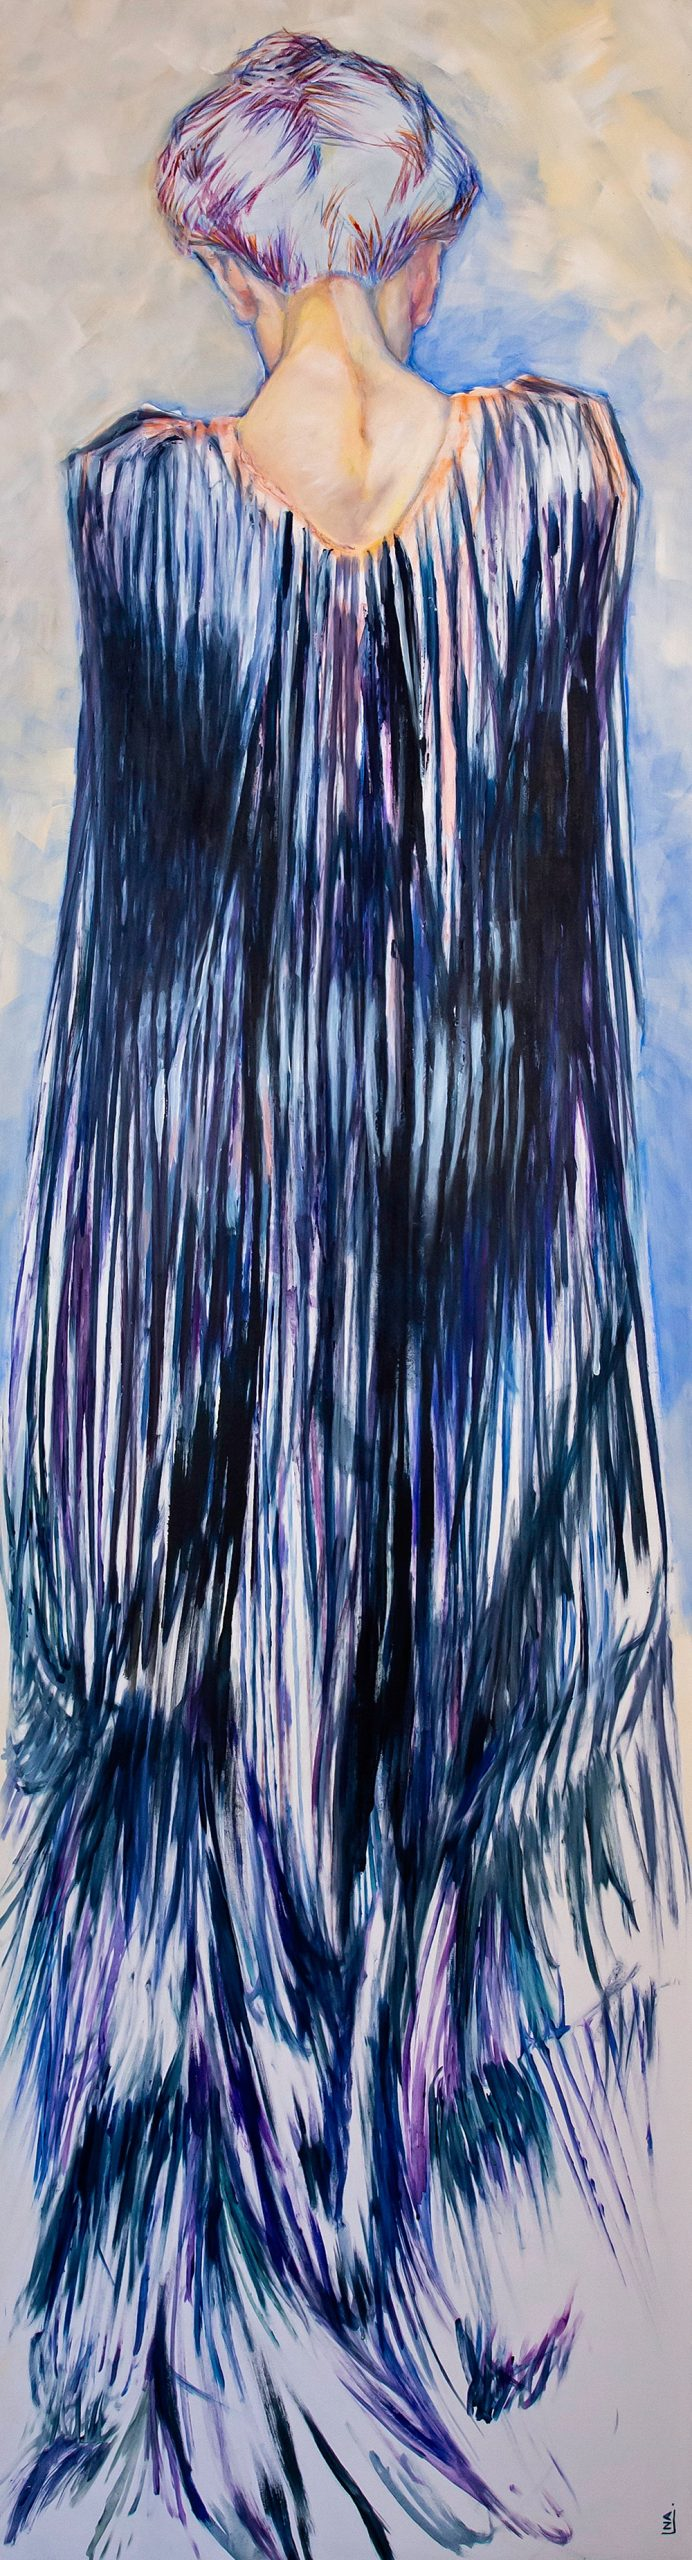 Nanou Autin, Peinture, Madame Butterfly, Acrylique, pastels, crayon sur toile marouflée, support bois cintré (piétement tubulaire acier ou platine accroche murale), 60×220 cm – 2016